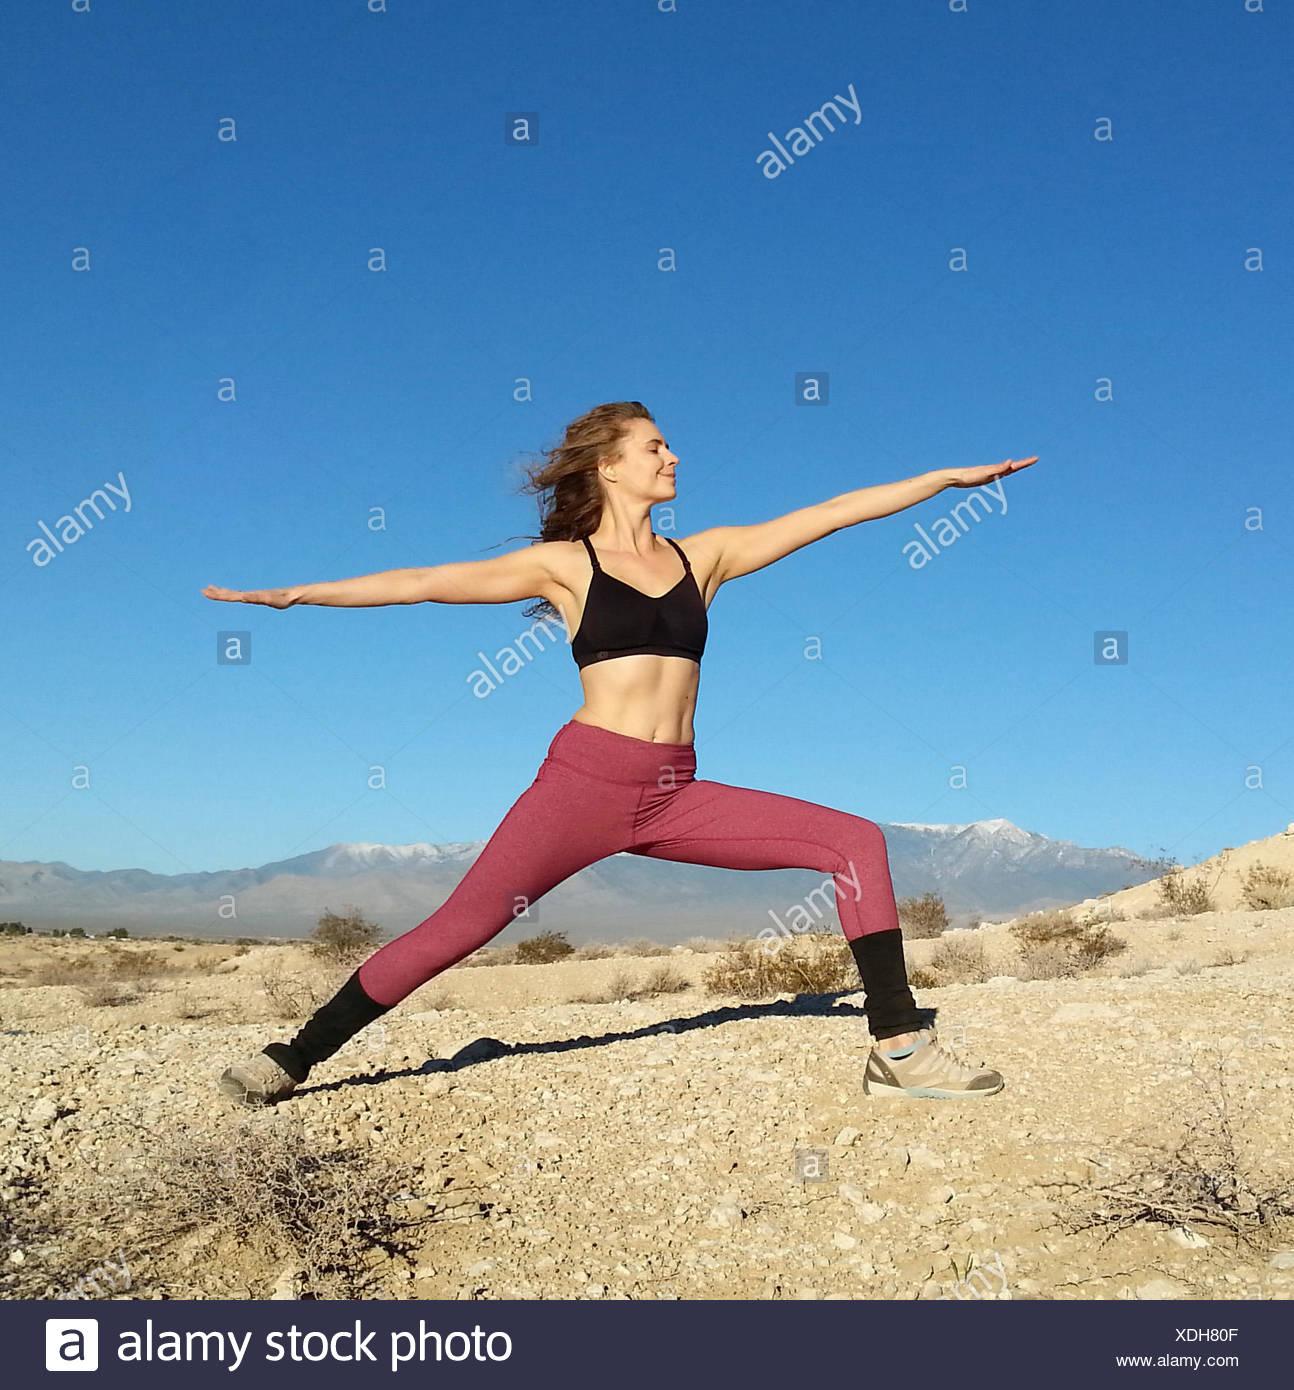 Frau macht einen Krieger darstellen, Nevada, America, USA Stockbild